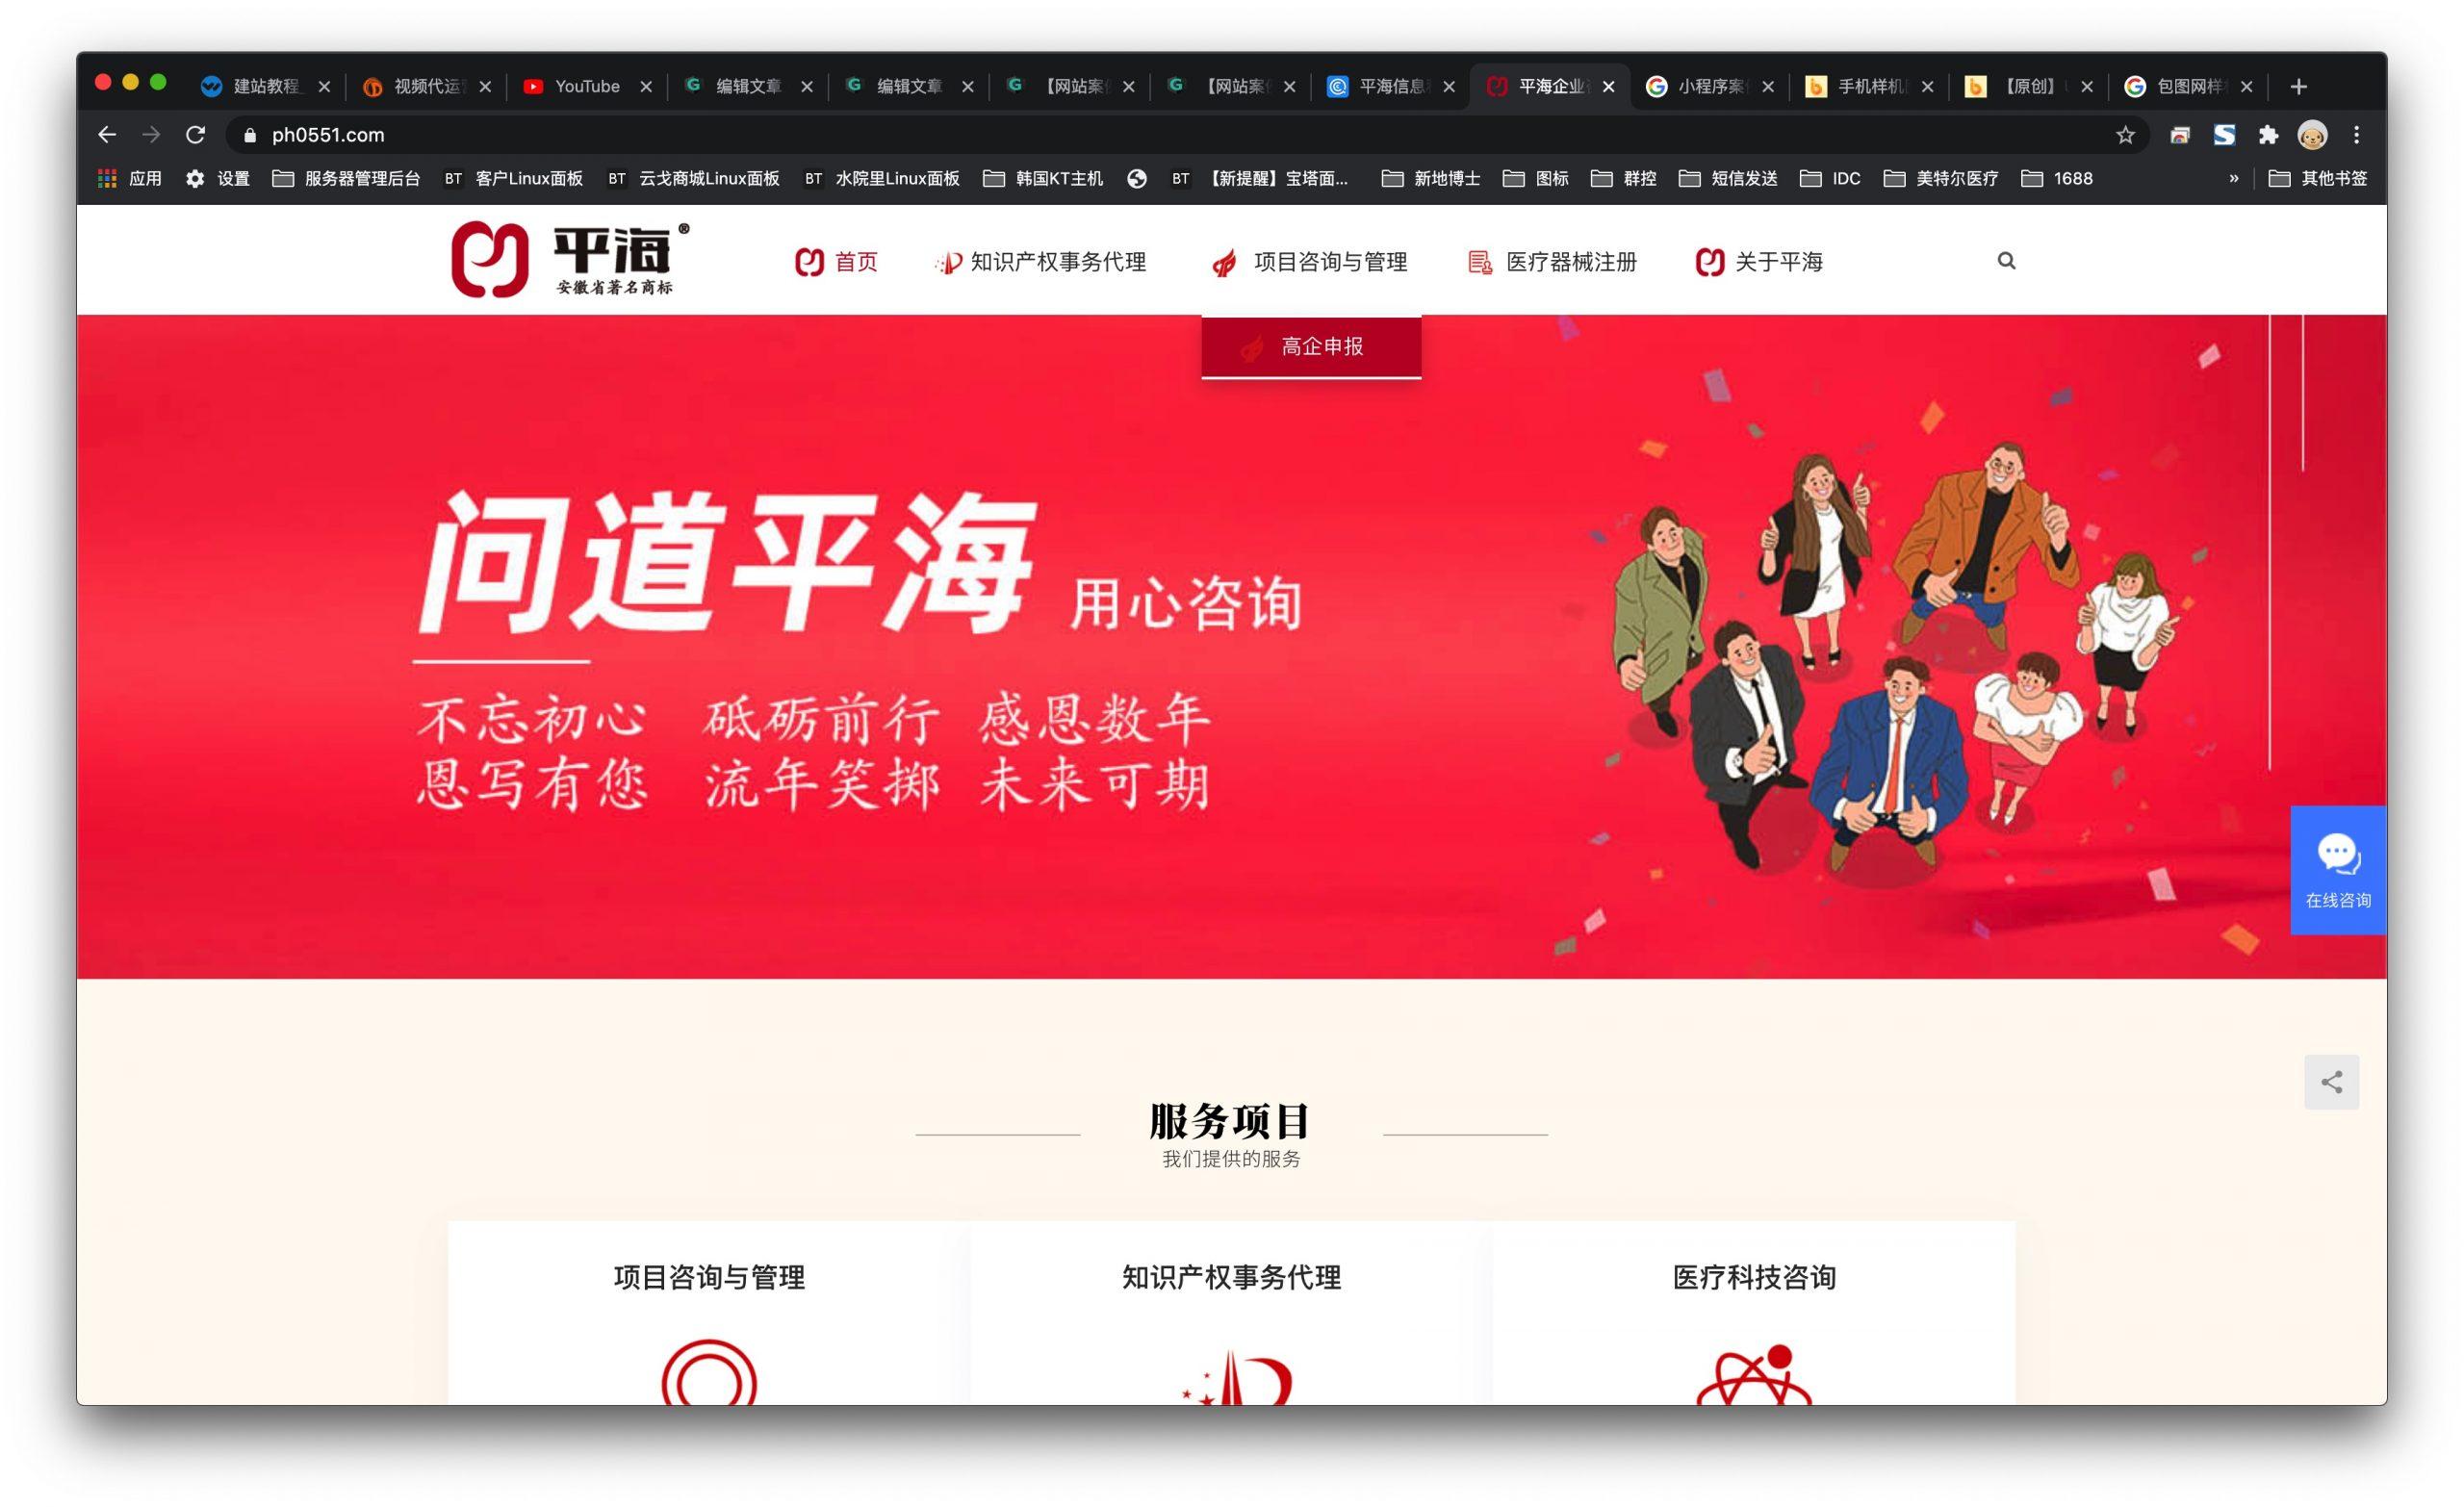 【网站案例】平海信息科技有限公司官网